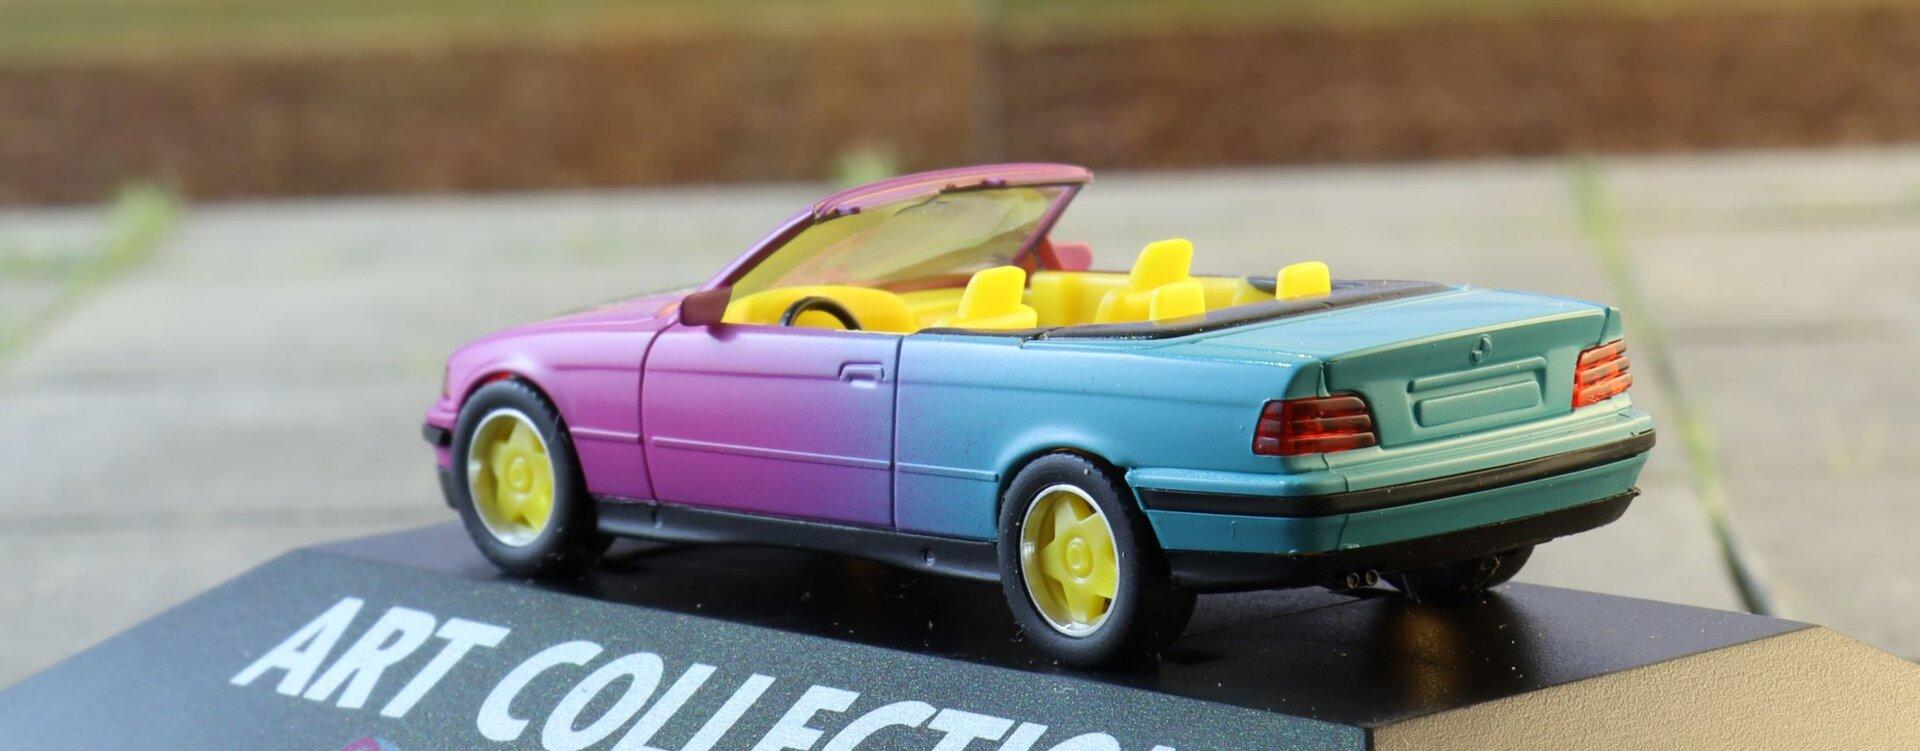 BMW e36 cabrio art  3.JPG